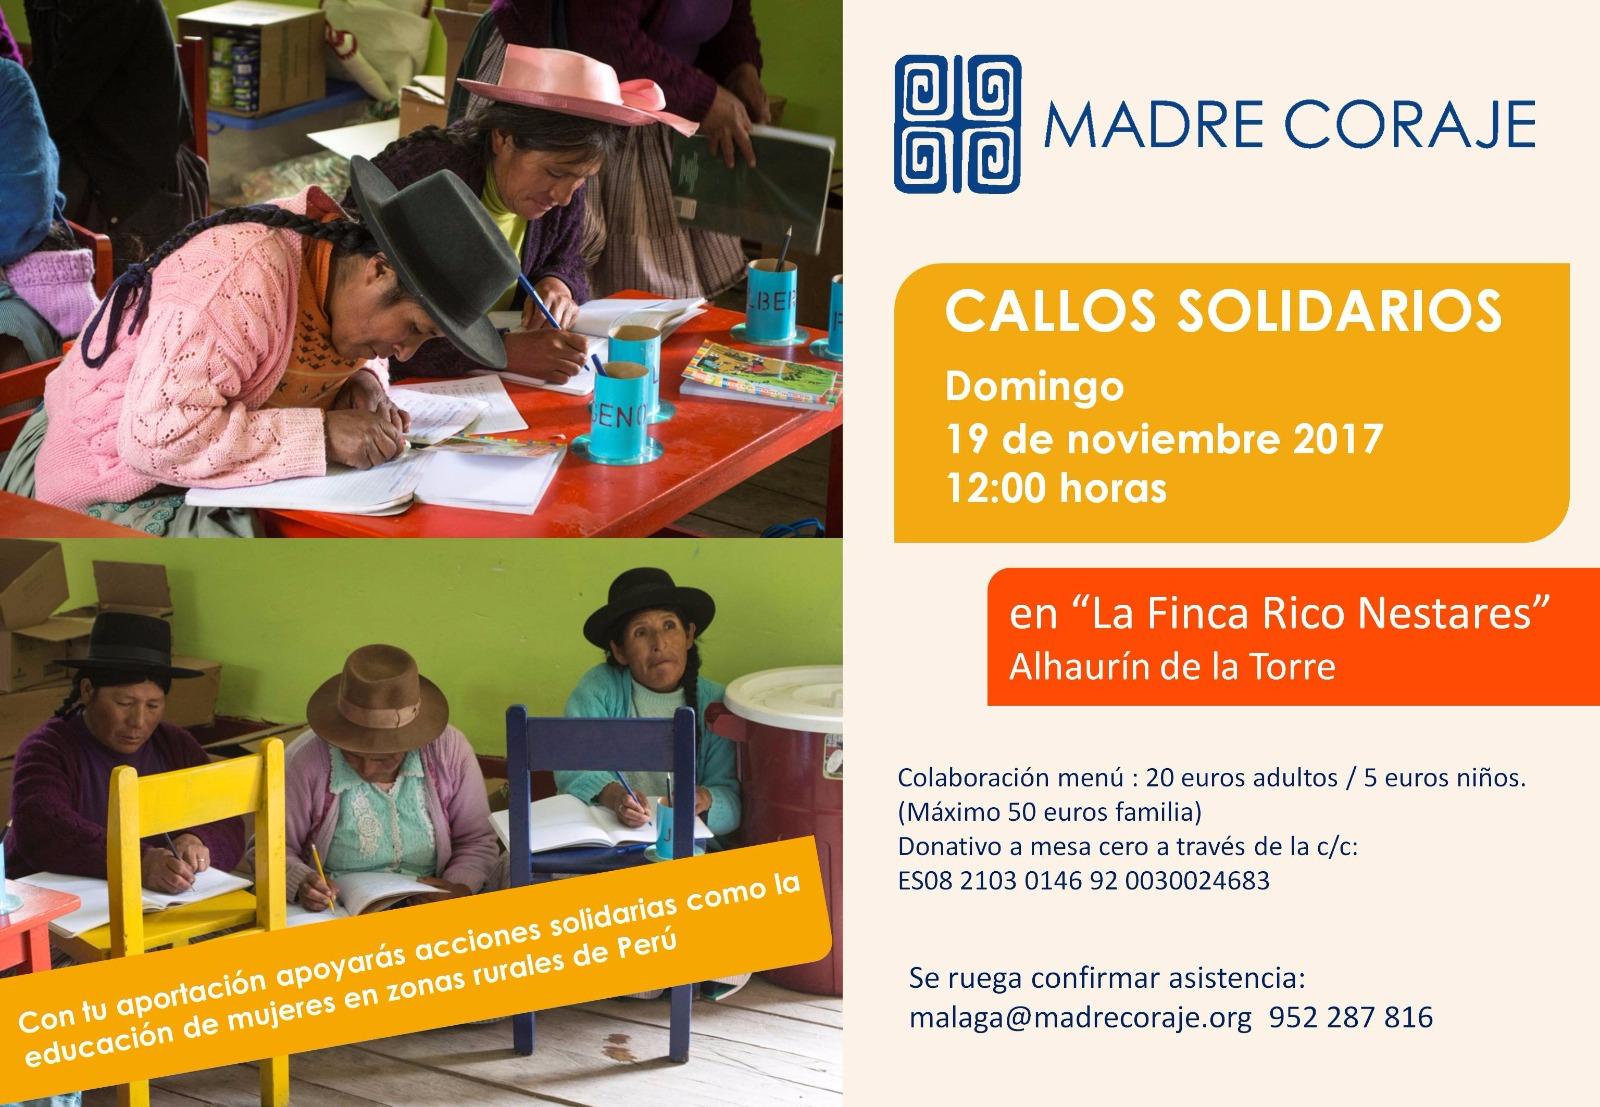 Cartel Callos Solidarios 2017